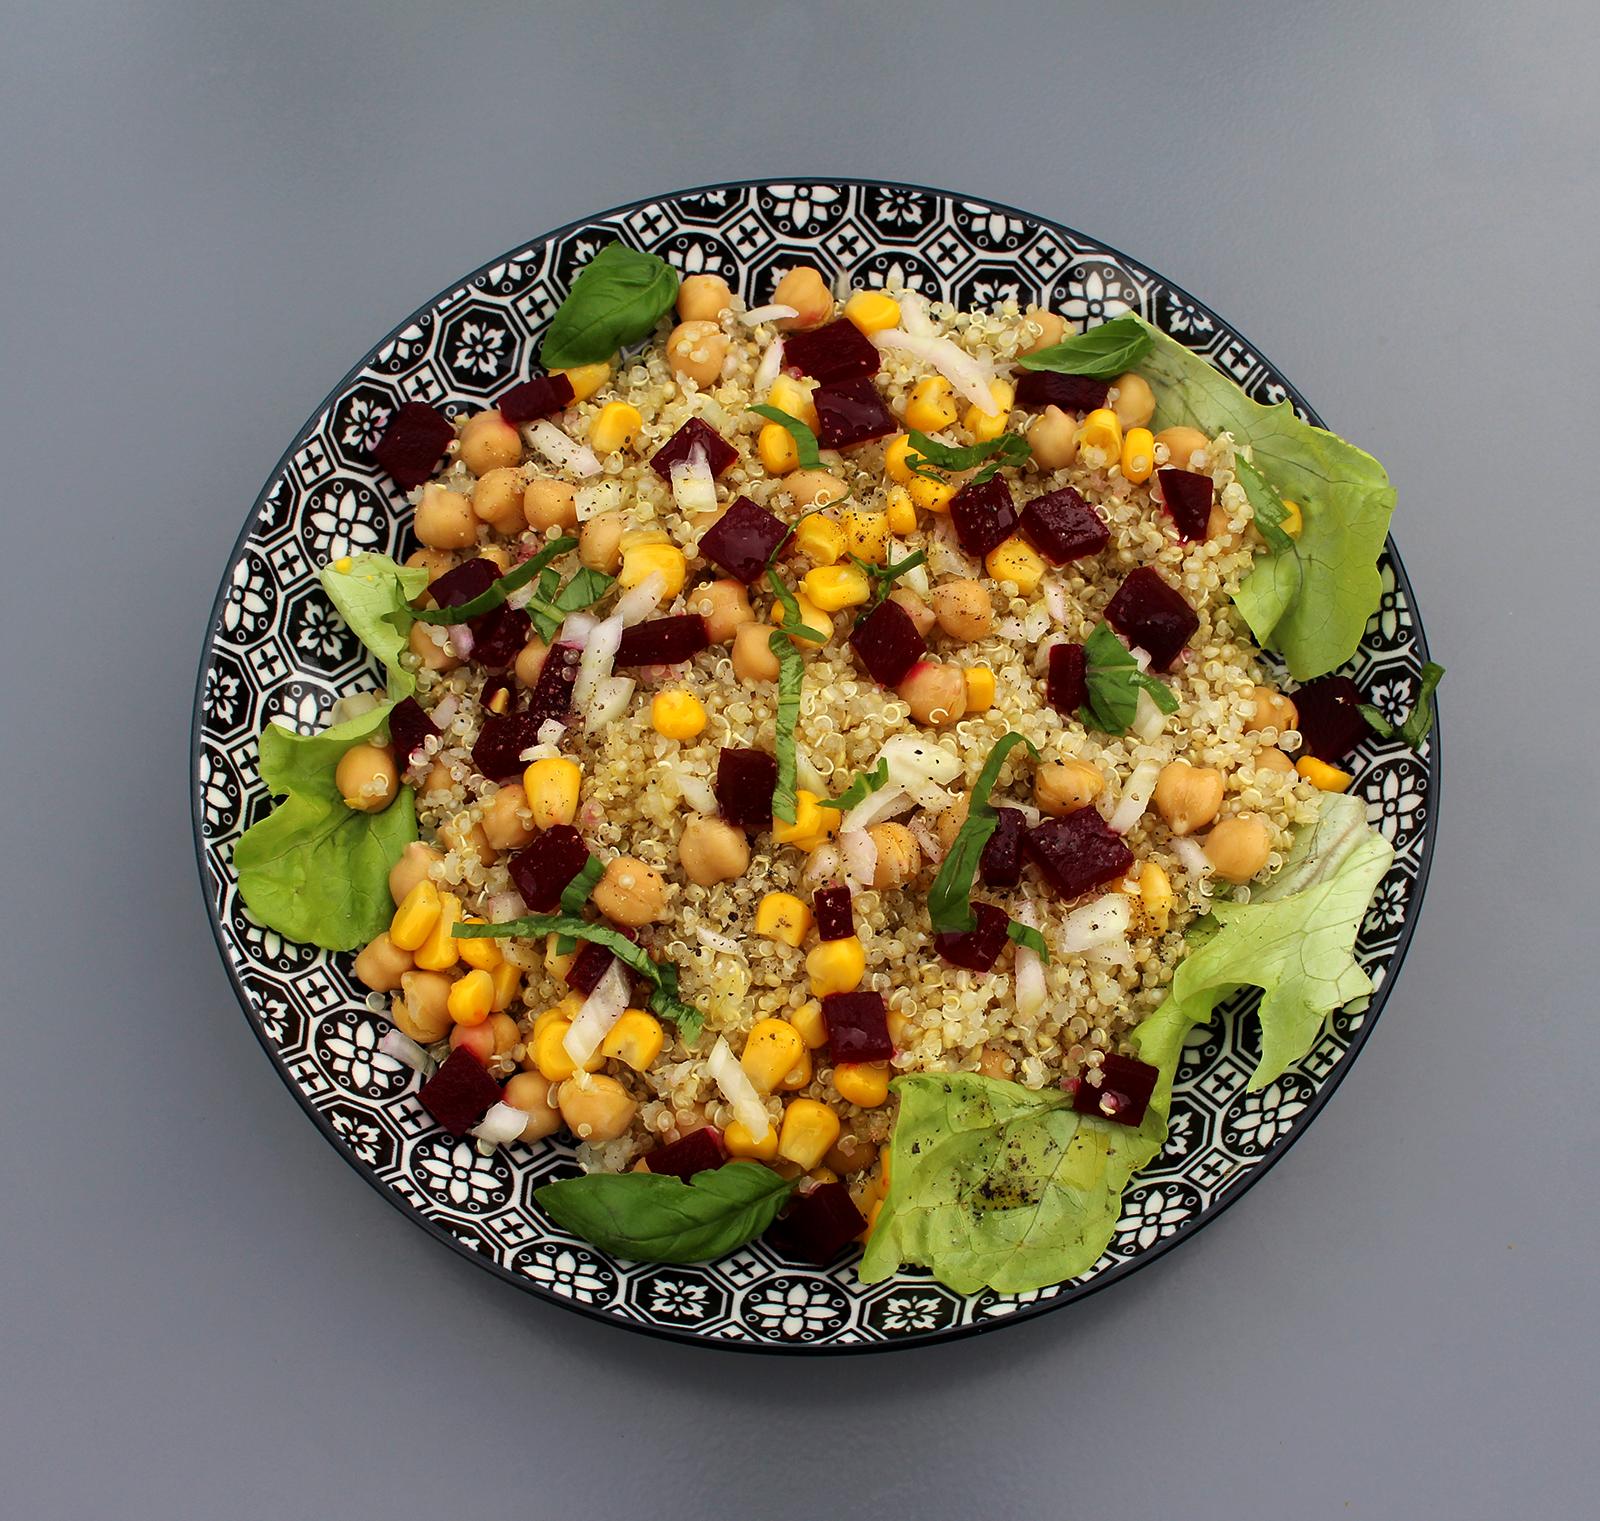 salade de quinoa aux pois chiches et aux betteraves recette vegan pratique. Black Bedroom Furniture Sets. Home Design Ideas